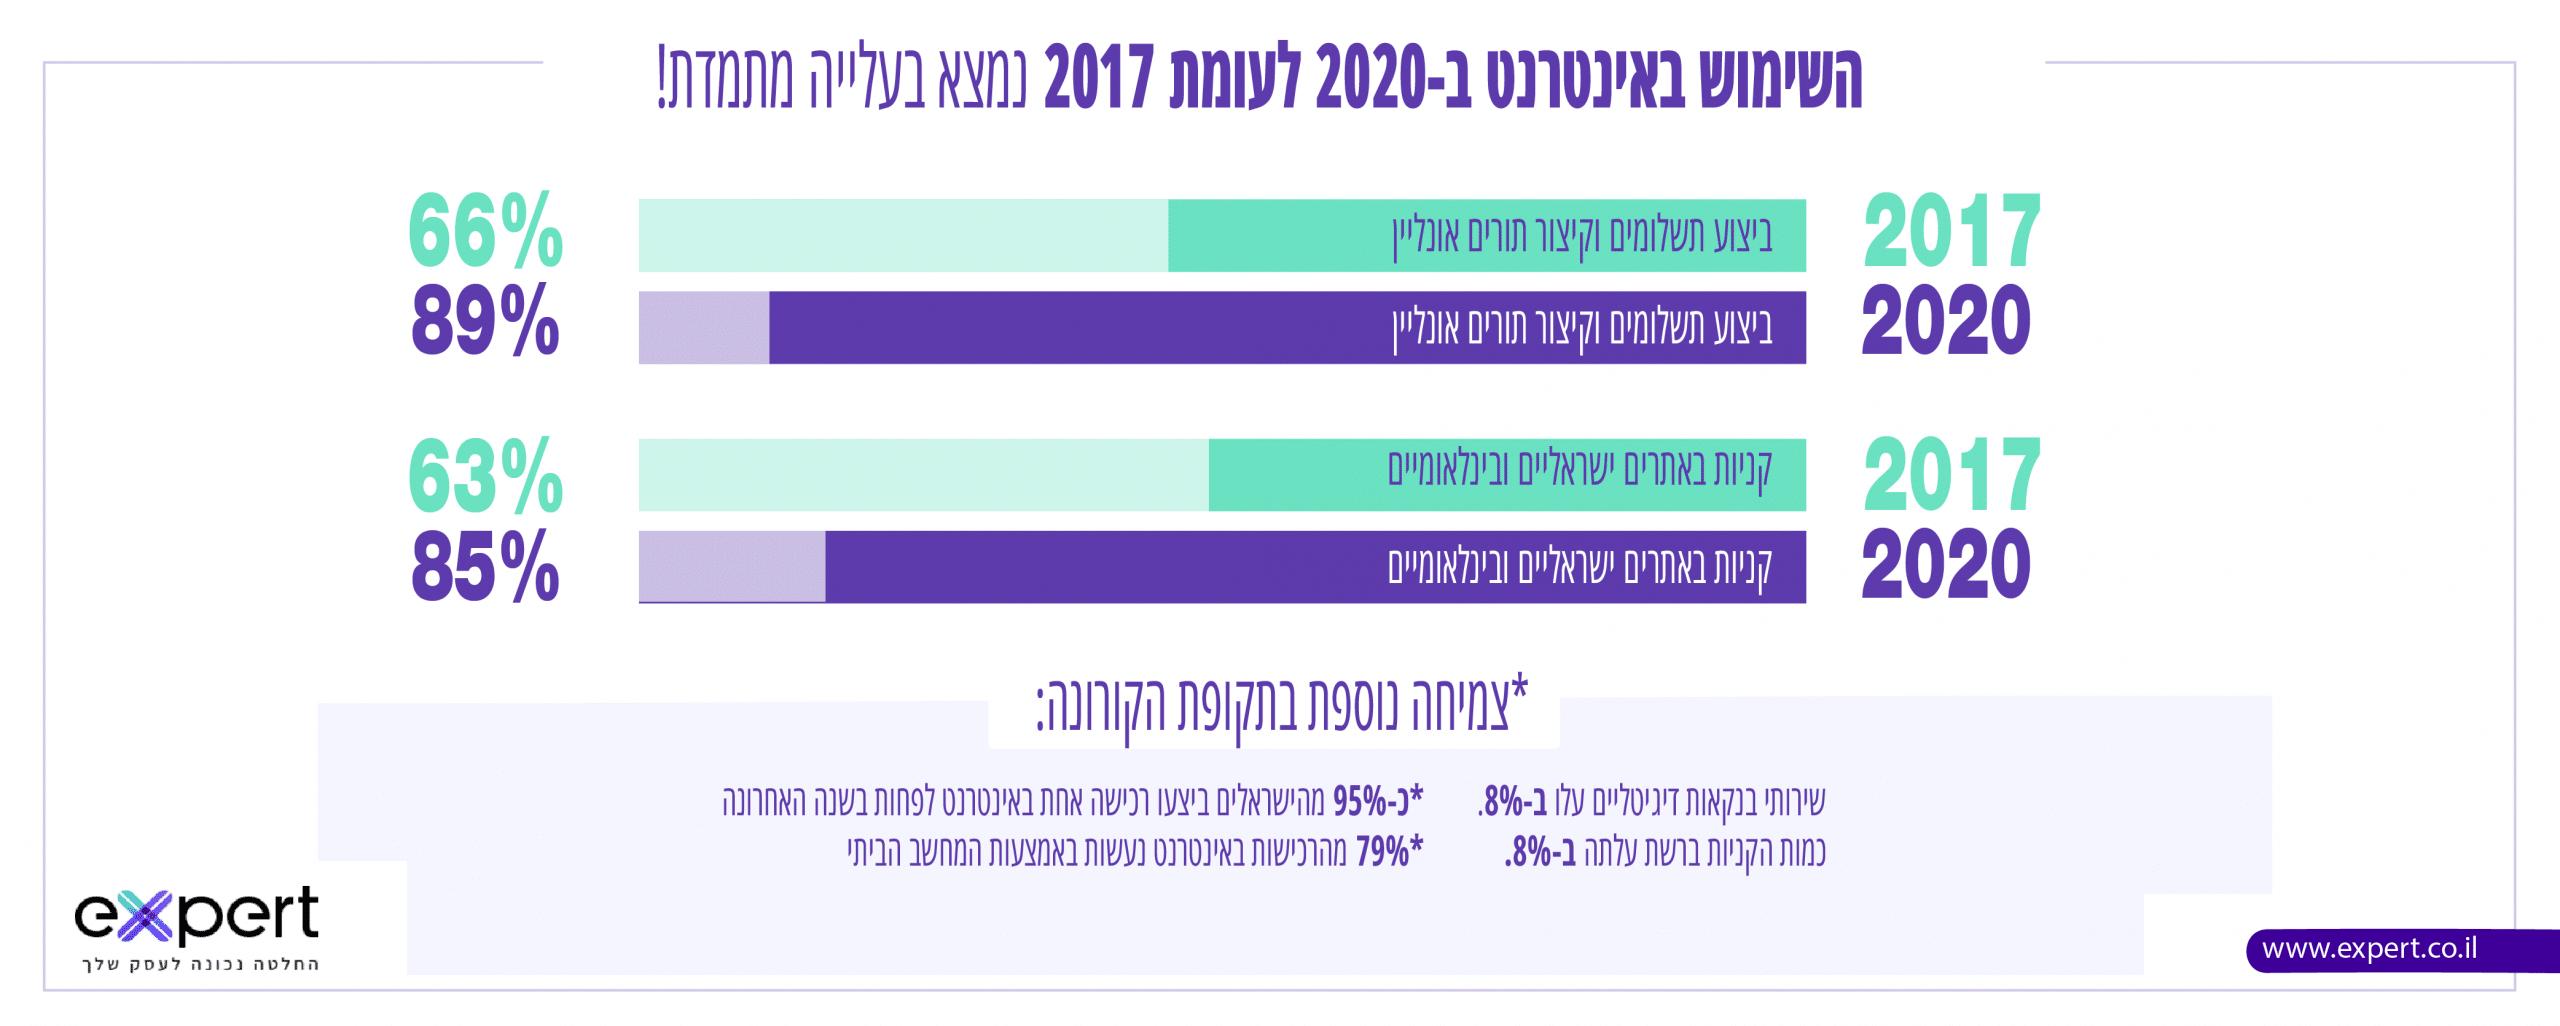 סגירת בתי עסק 2020